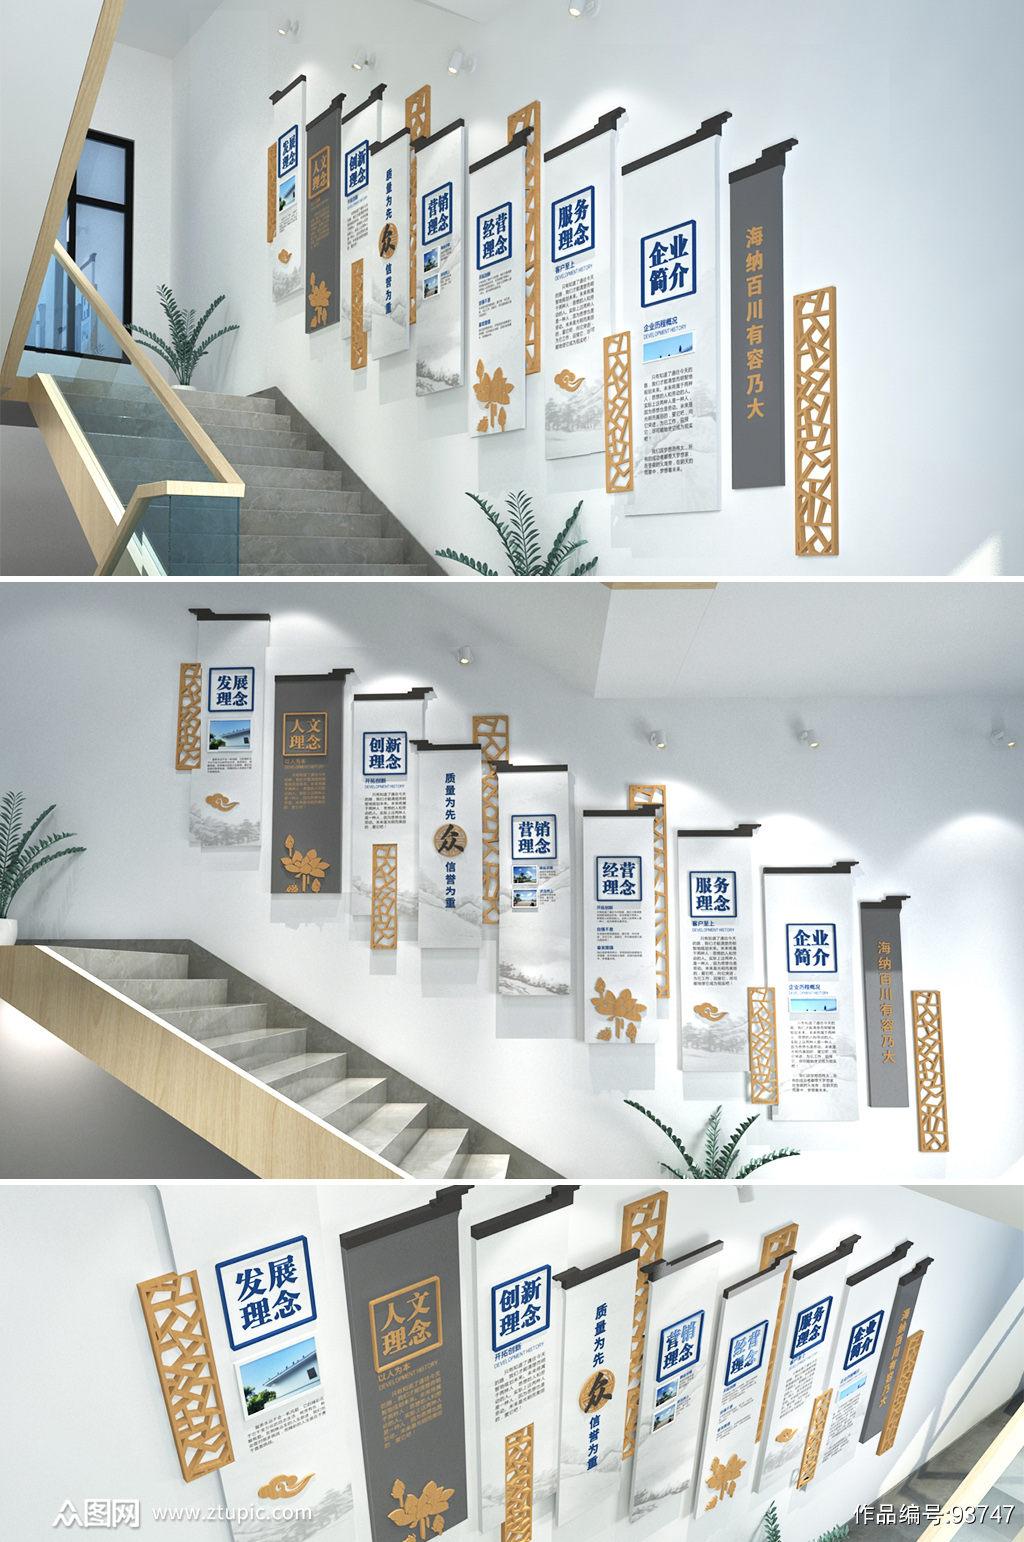 中式屋檐企业楼道楼梯文化墙素材